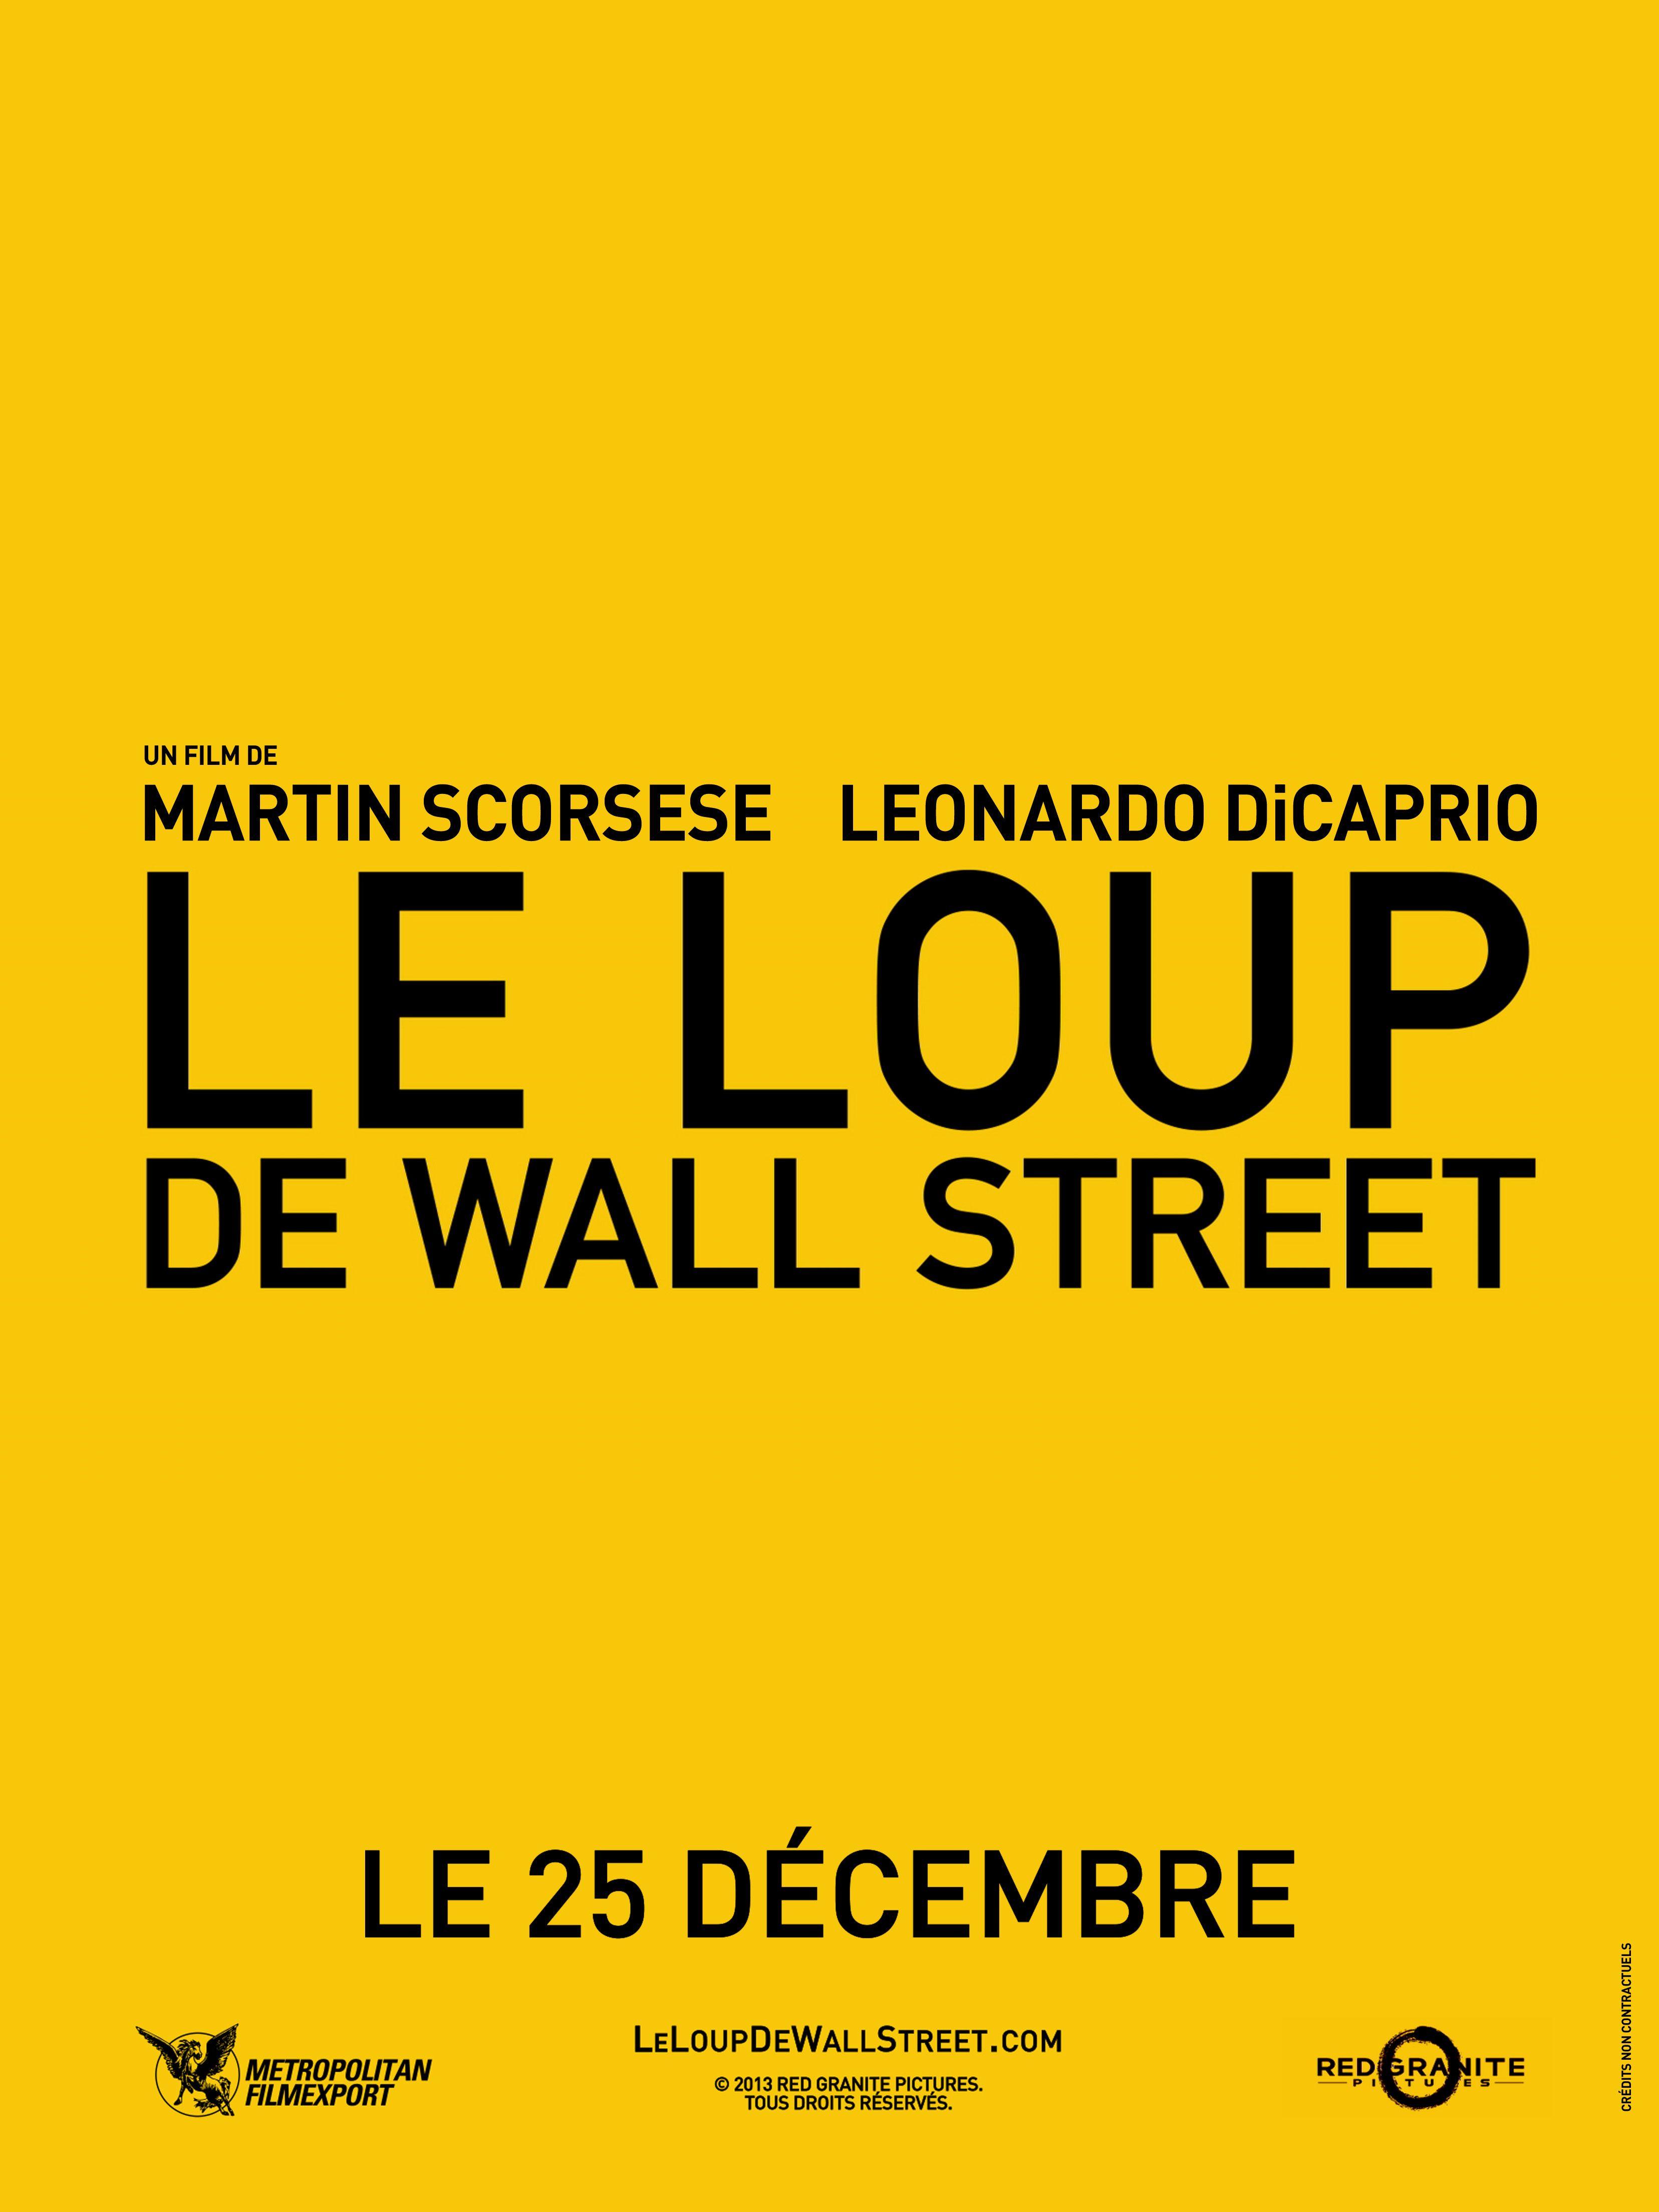 Affiches posters et images de le loup de wall street 2013 - Le loup de wall street film ...